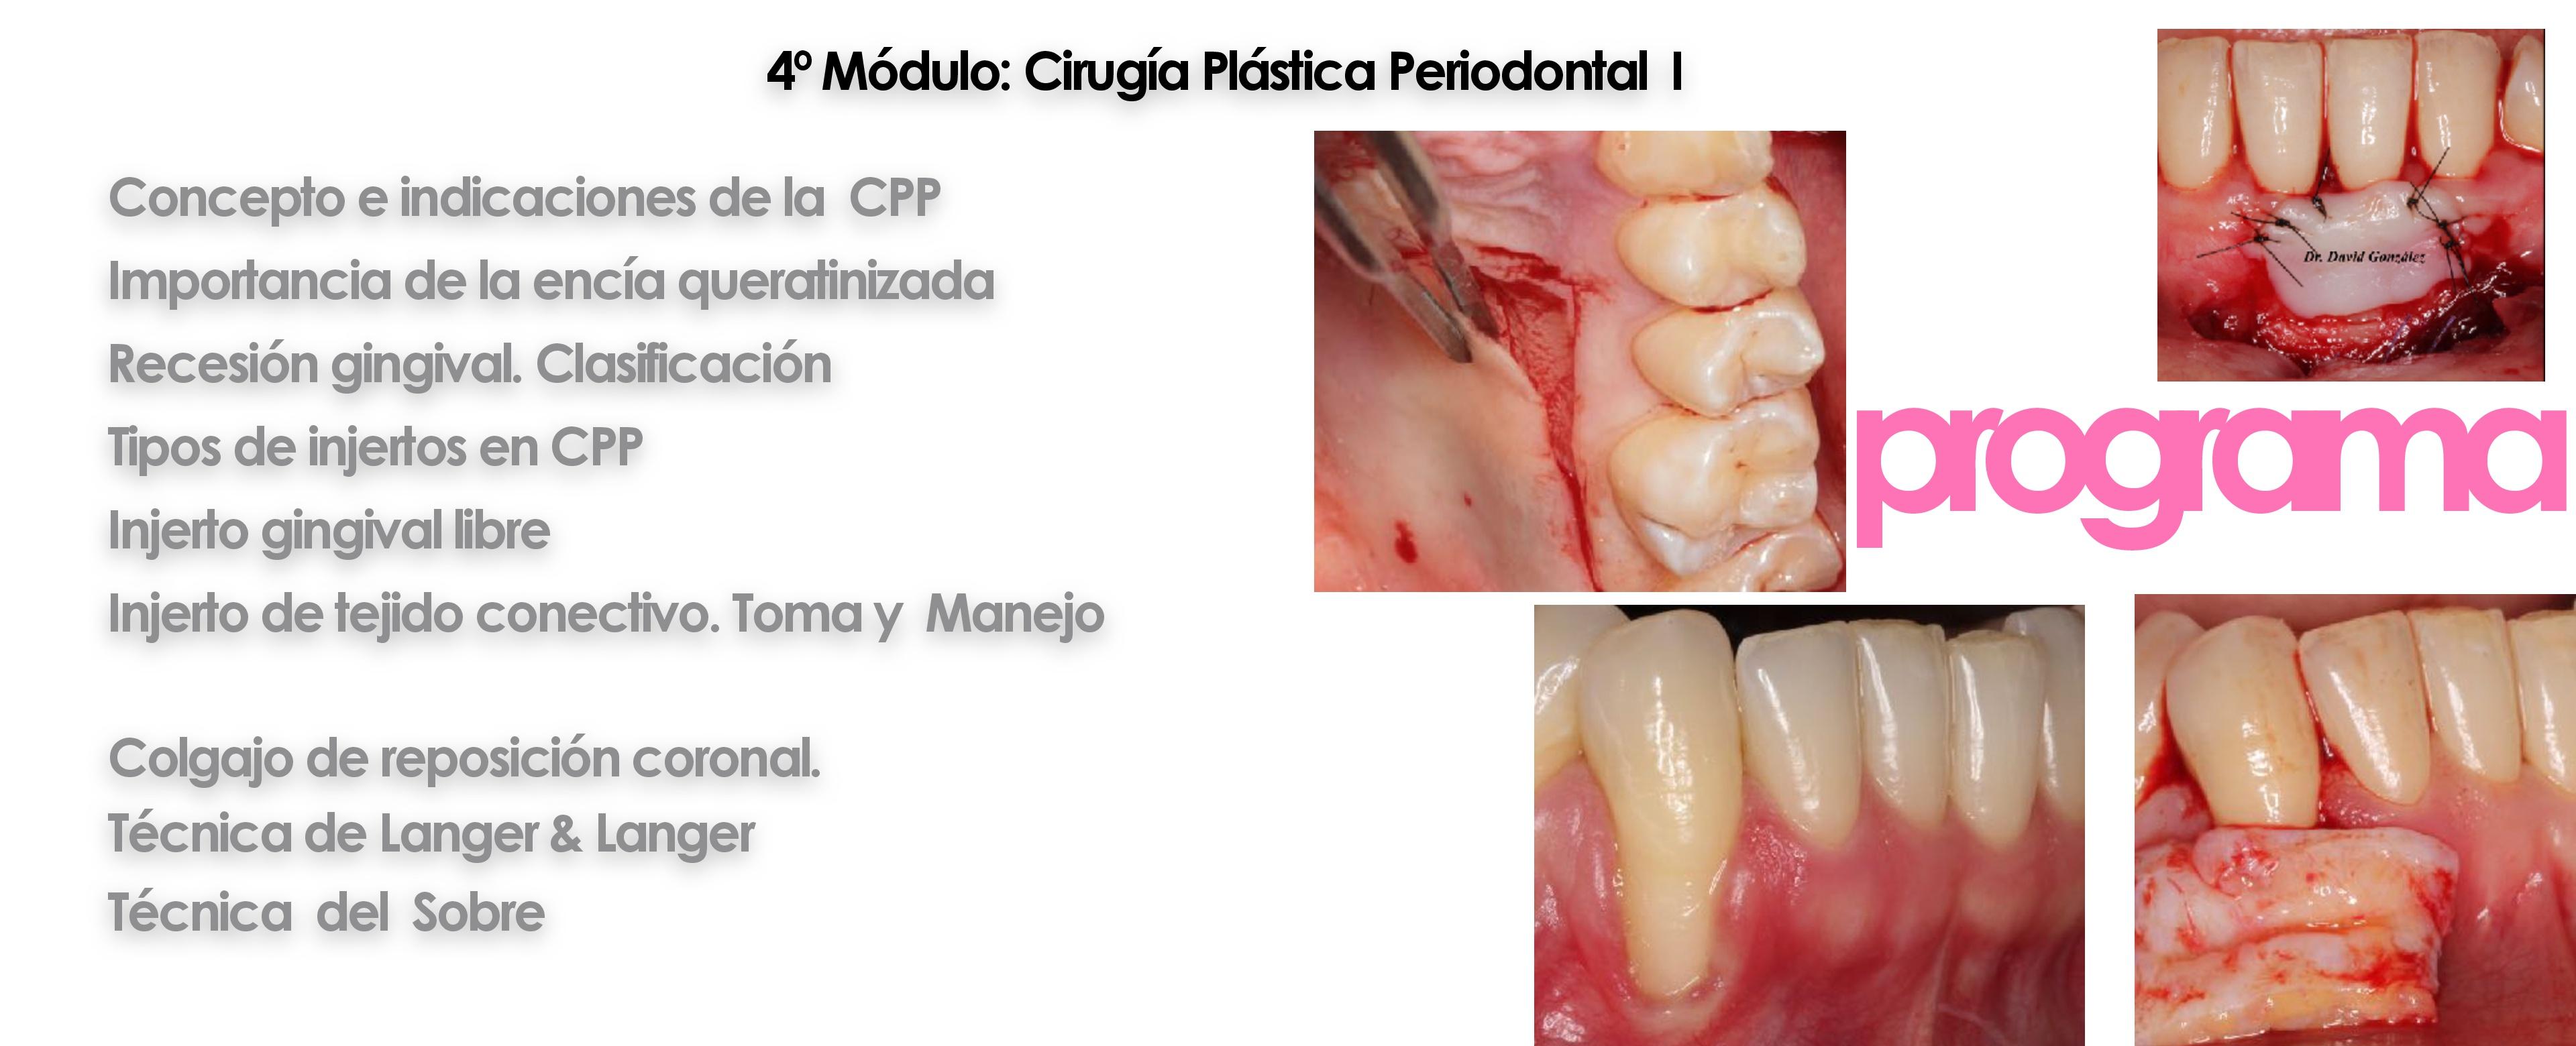 Curso cirugía periodontal e implantológica 8